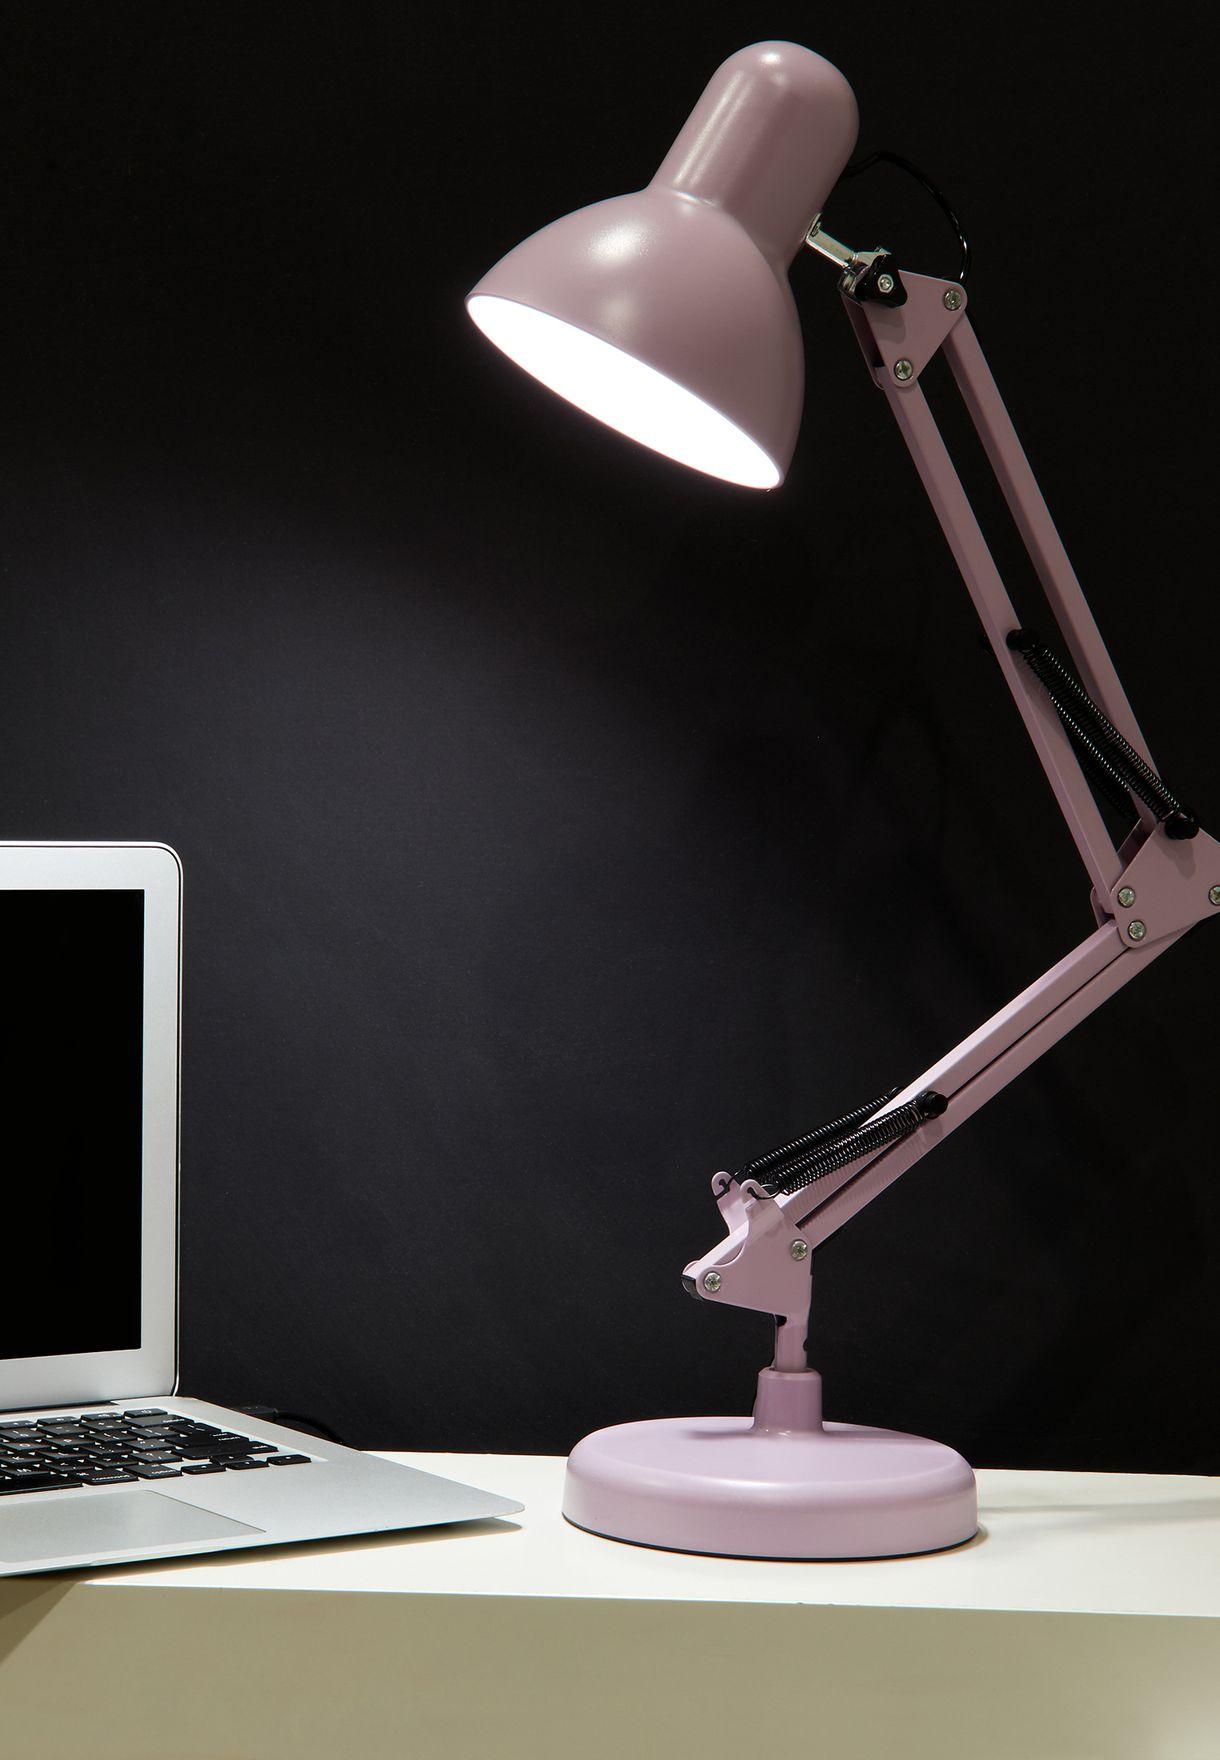 ضوء مكتب بقاعدة